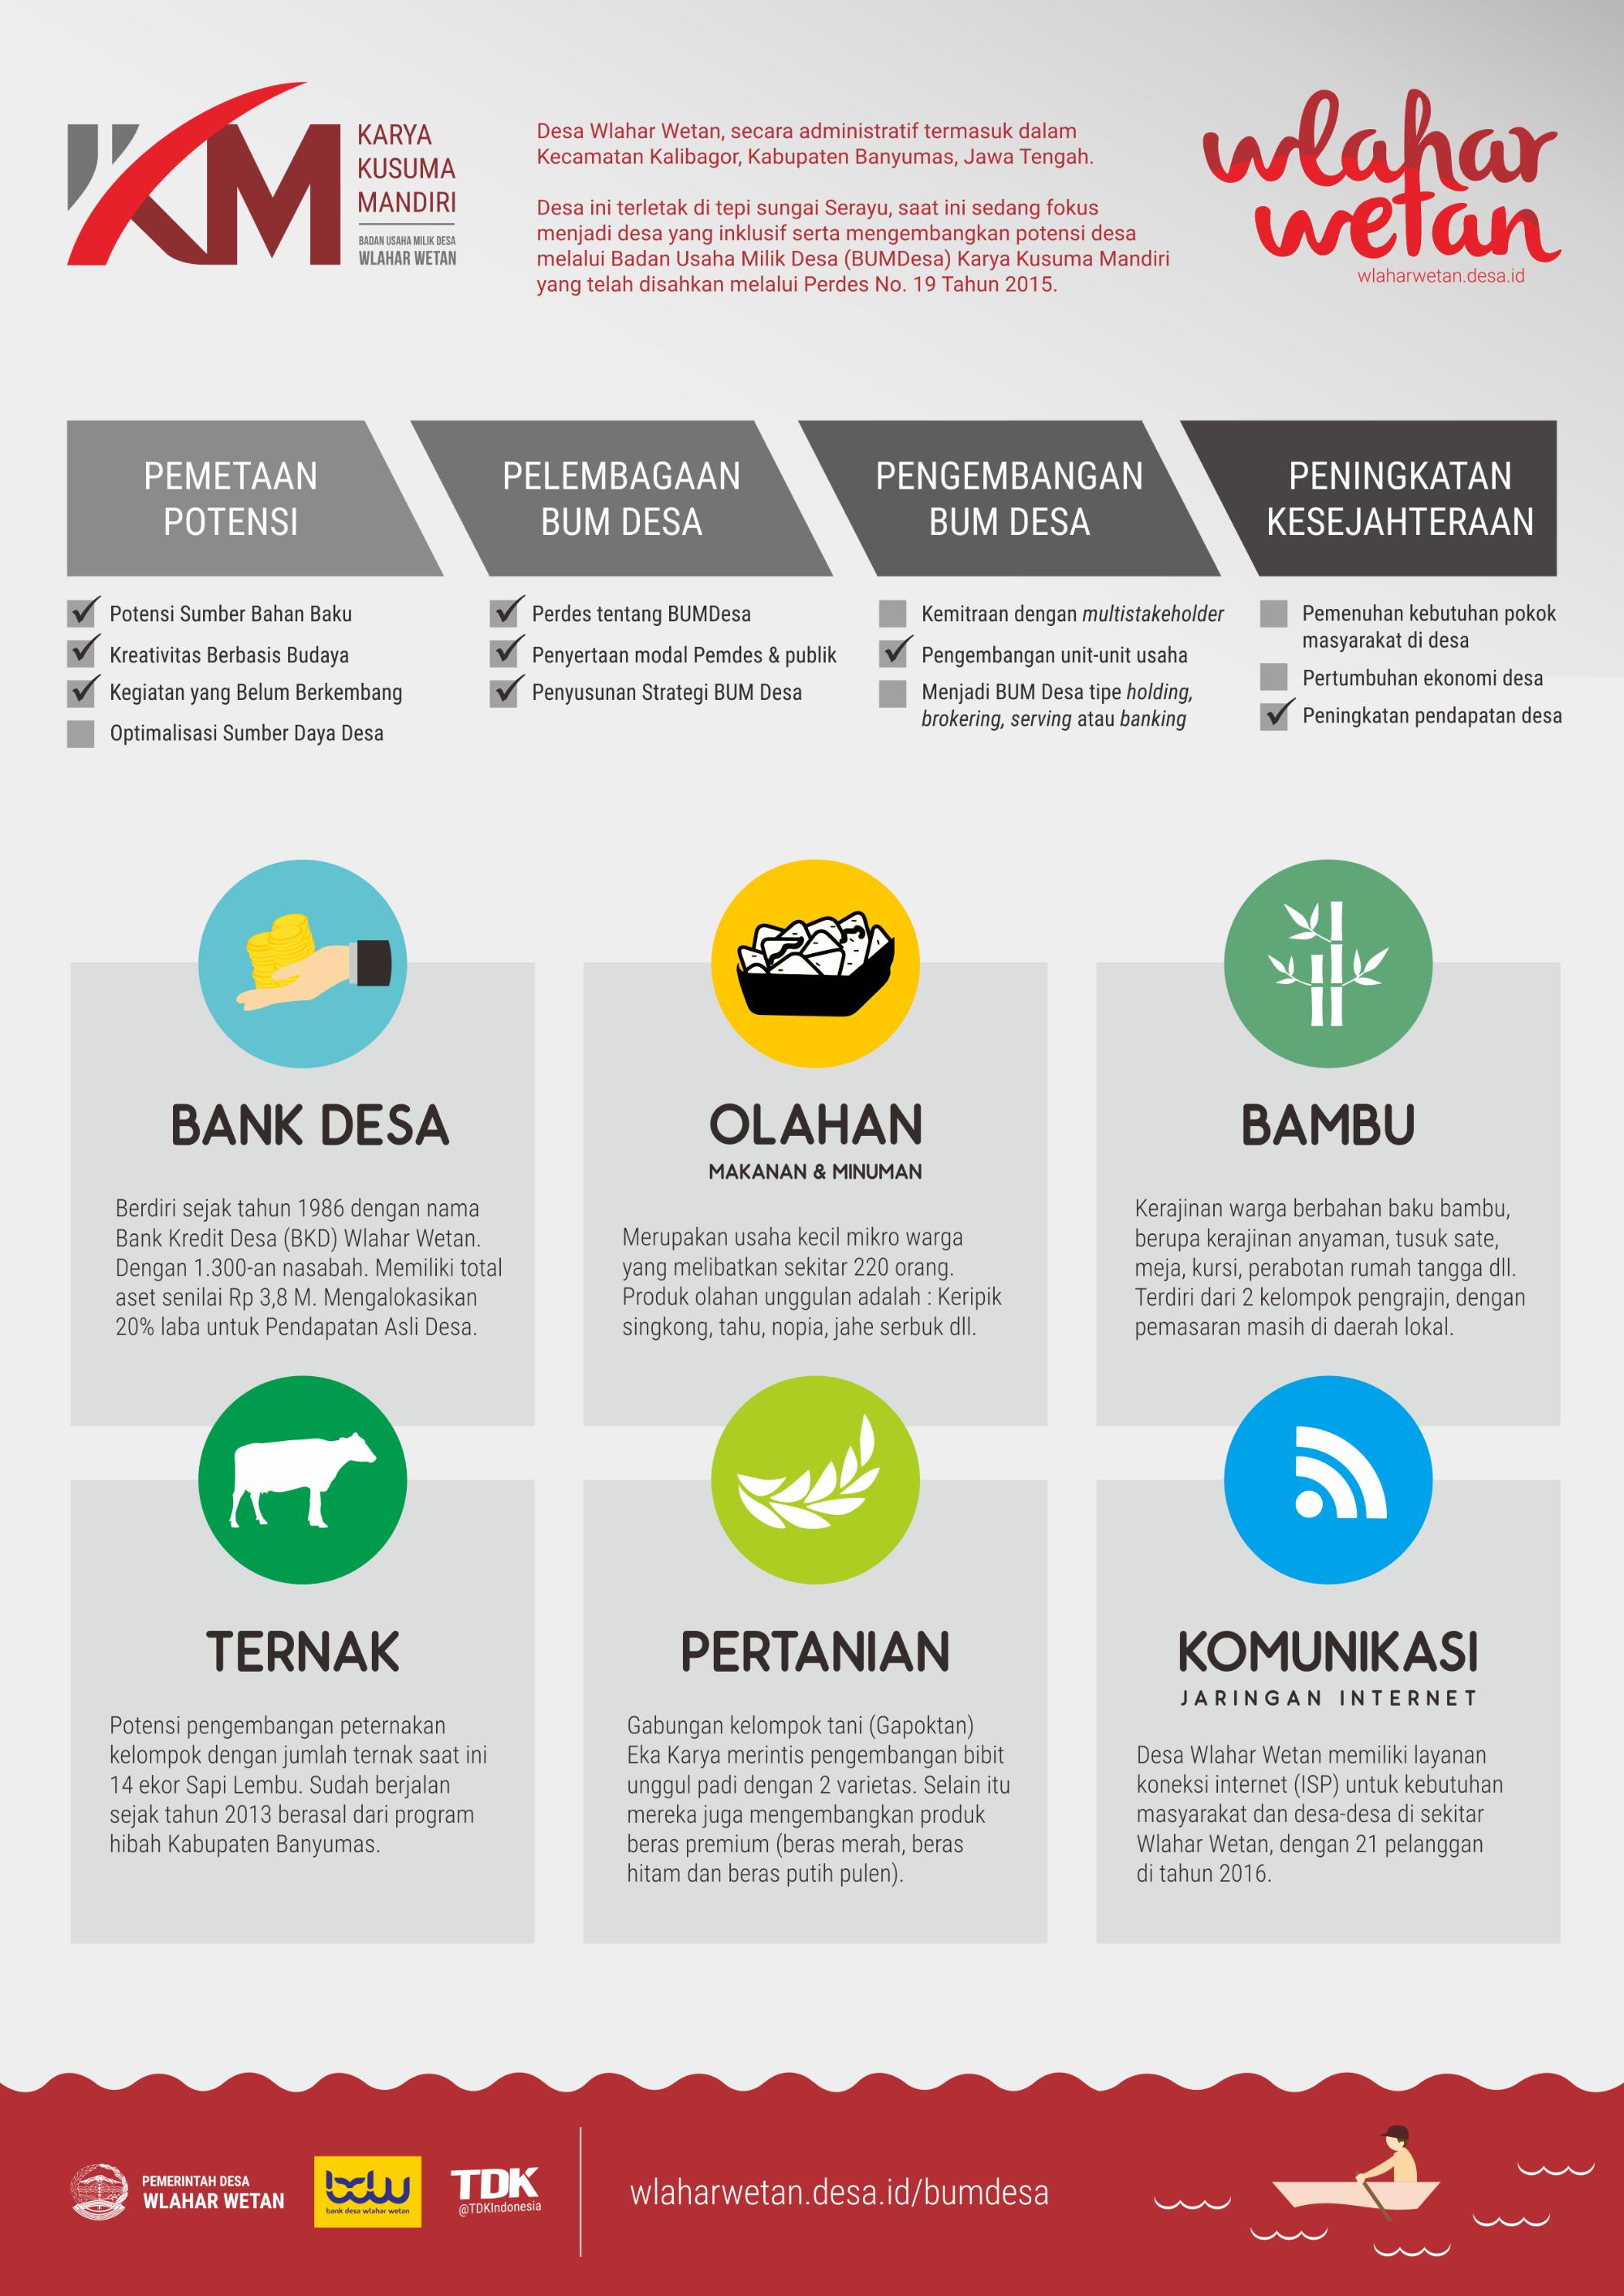 Pemetaan Potensi dan Timeline Badan Usaha Milik Desa Wlahar Wetan